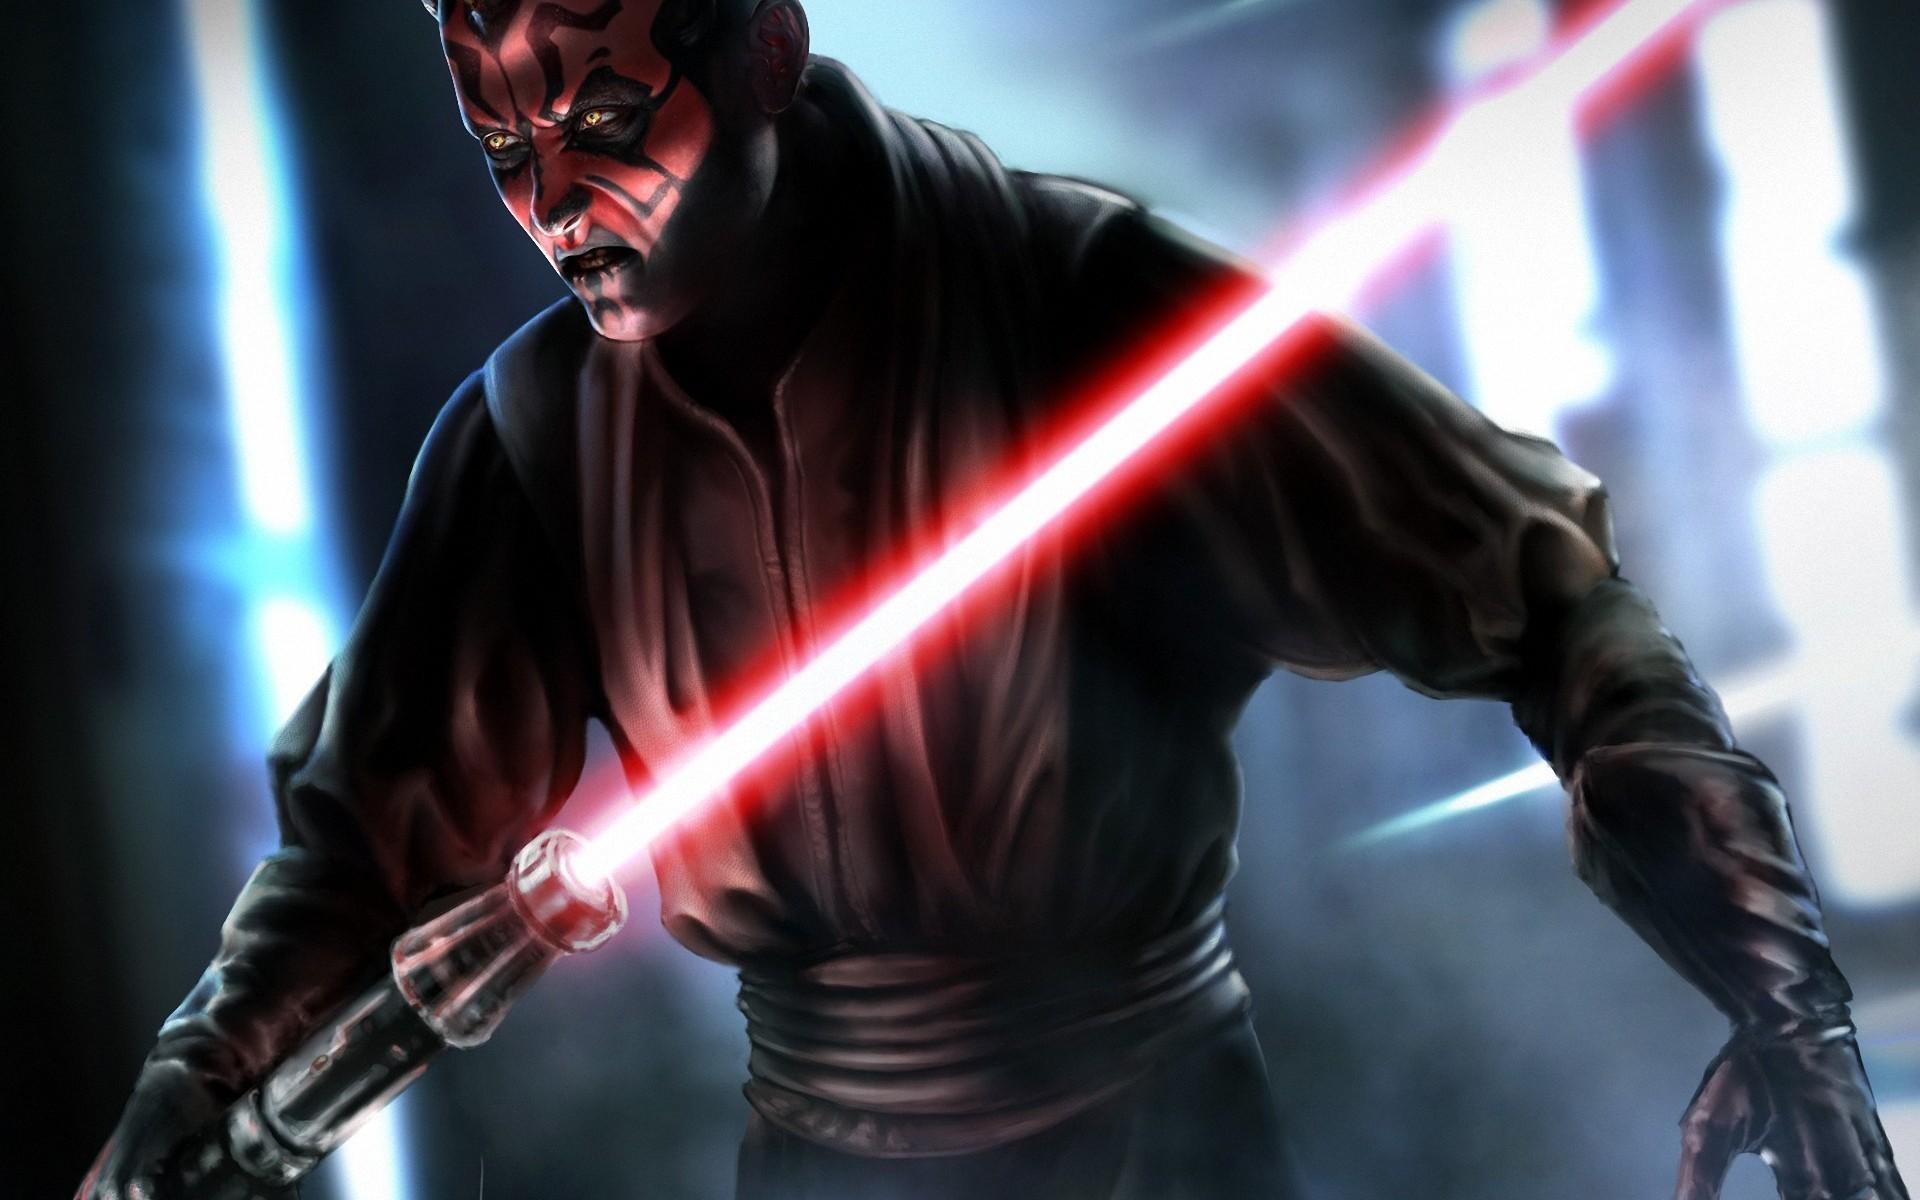 Art jedi star wars sith darth maul sith lord sword light sci-fi .